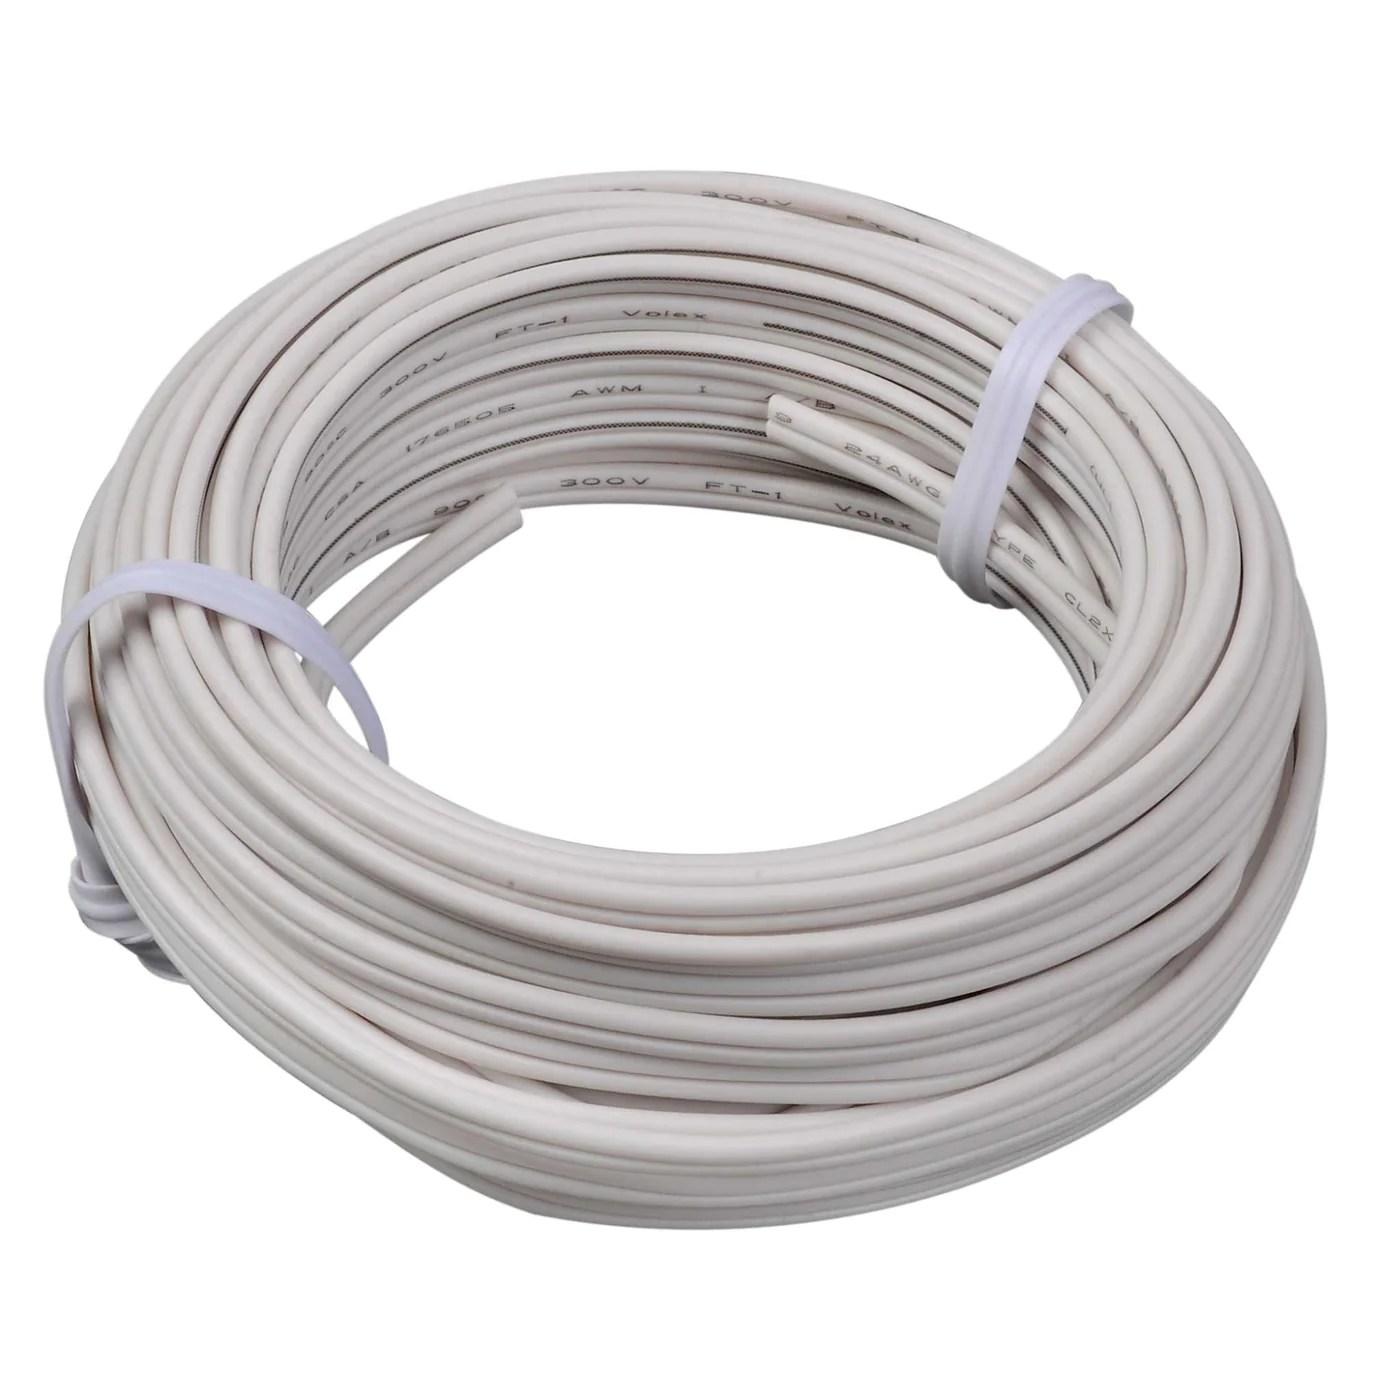 garage door opener wire service parts the genie company  [ 1400 x 1400 Pixel ]